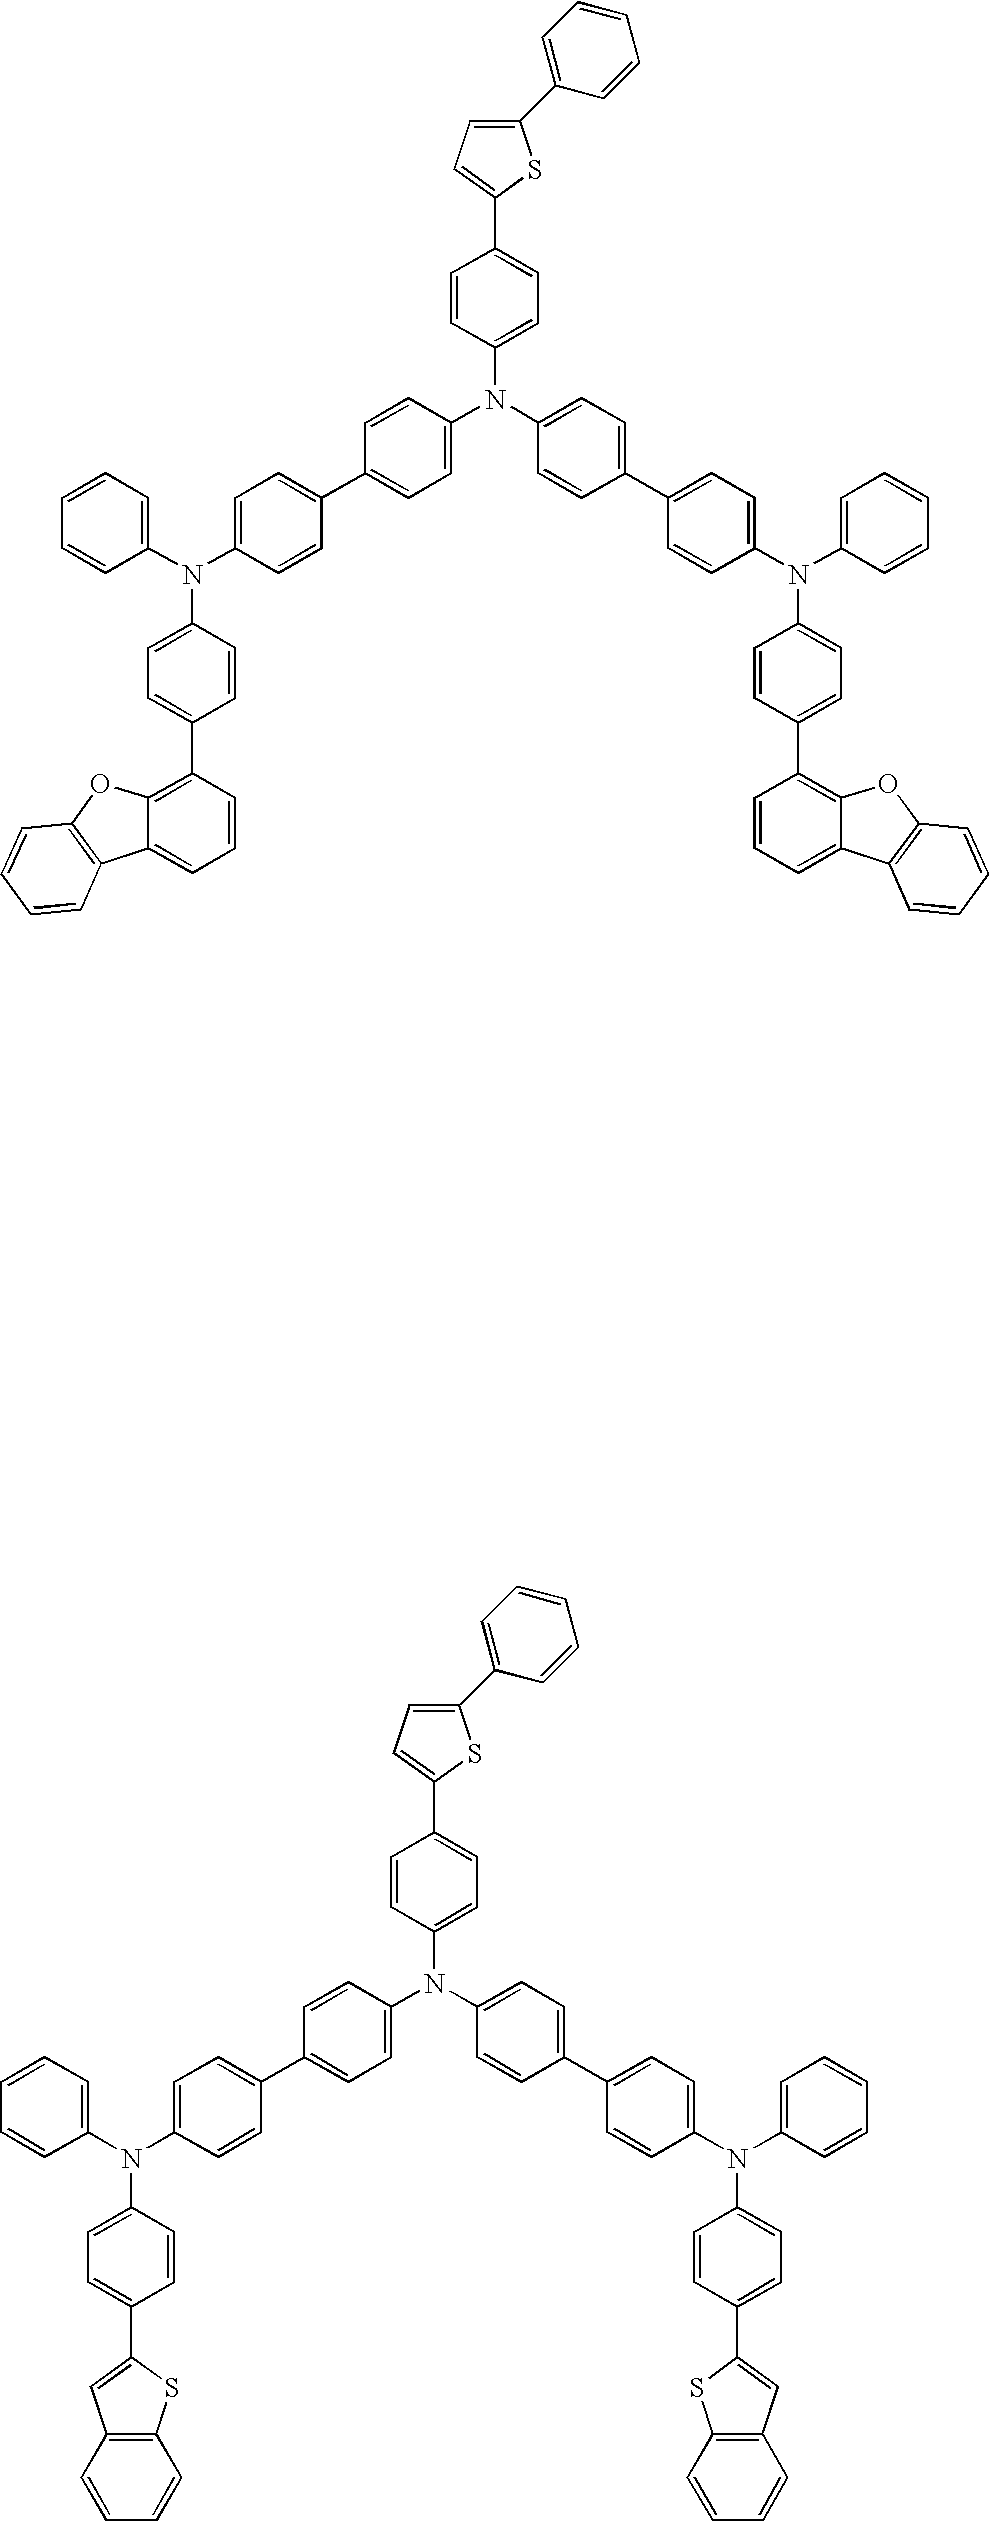 Figure US20090066235A1-20090312-C00033